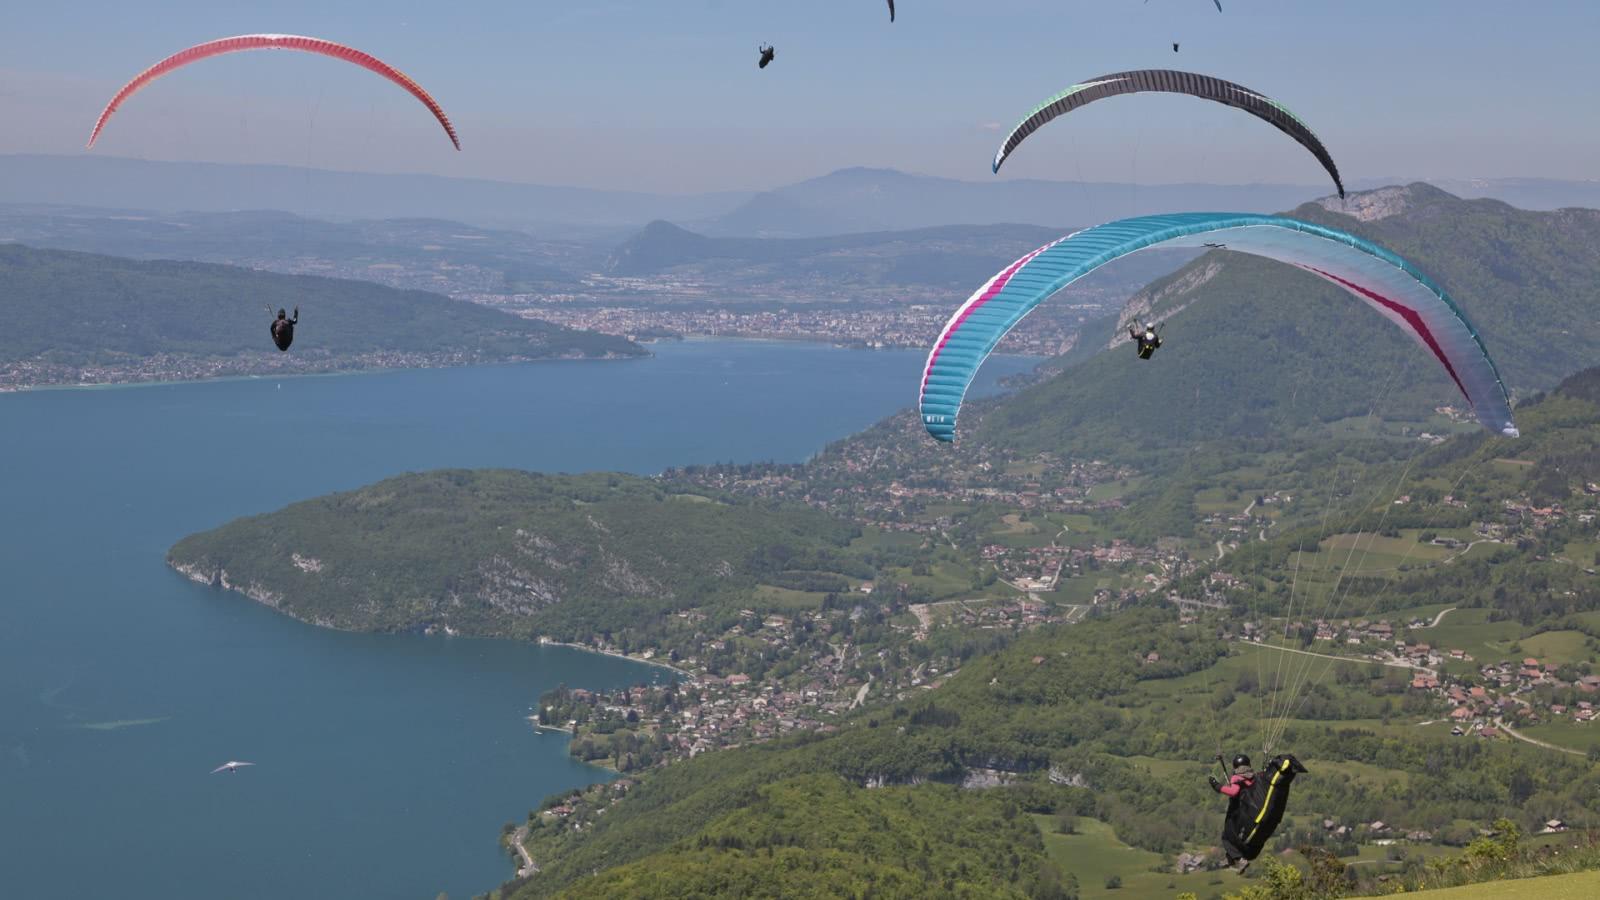 Ambiance sportive : décollages de parapente au Col de la Forclaz